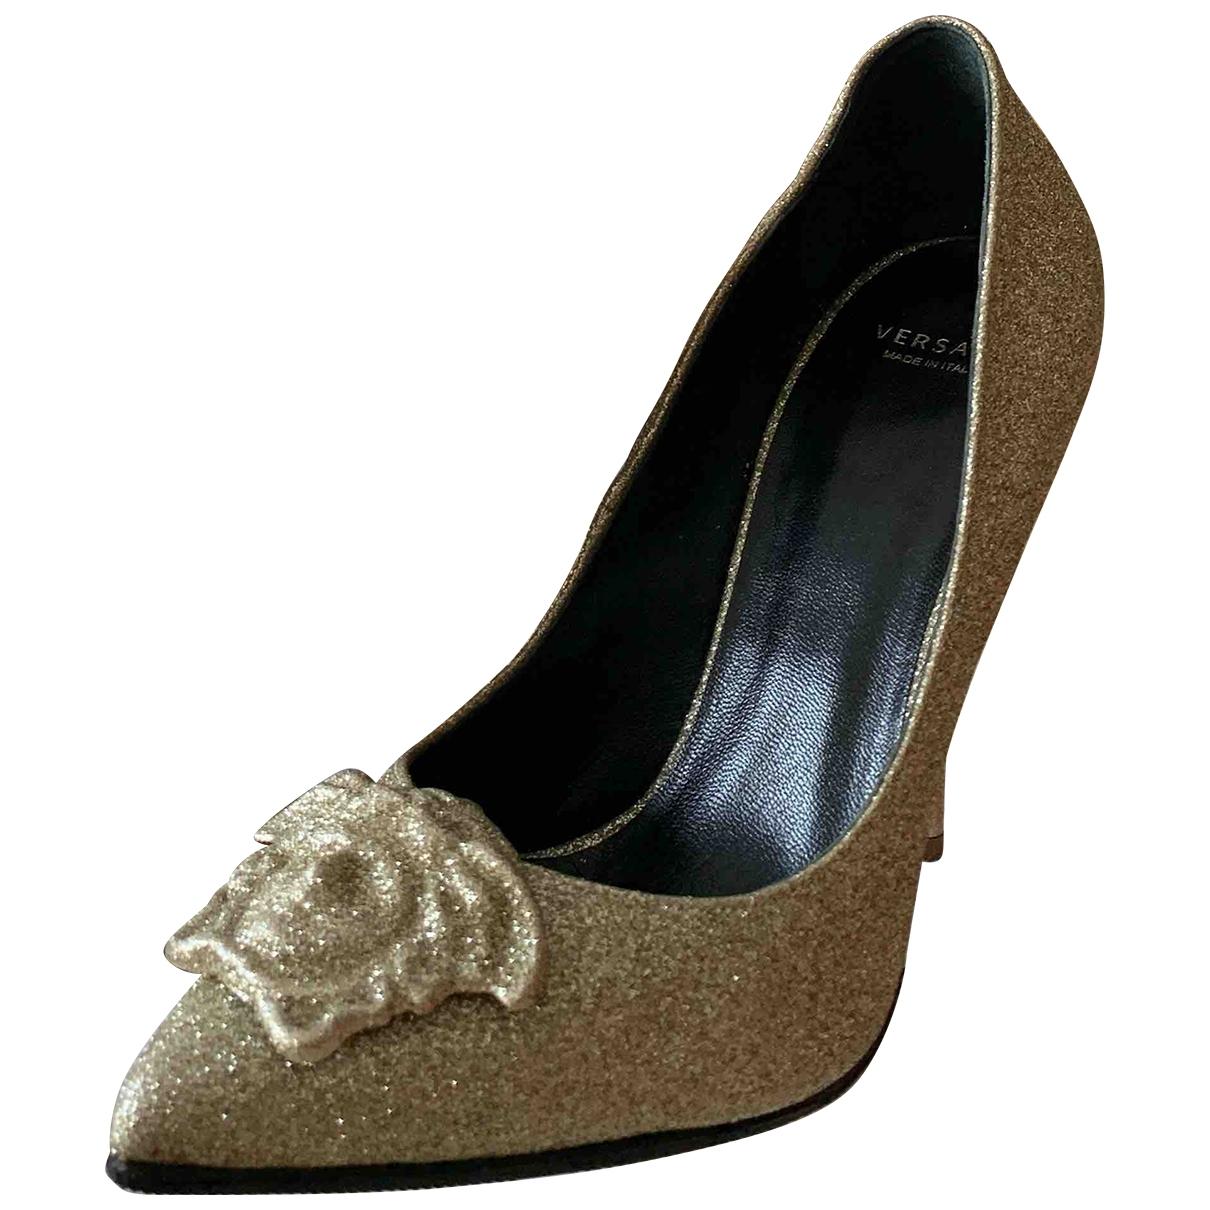 Versace - Escarpins   pour femme en a paillettes - dore